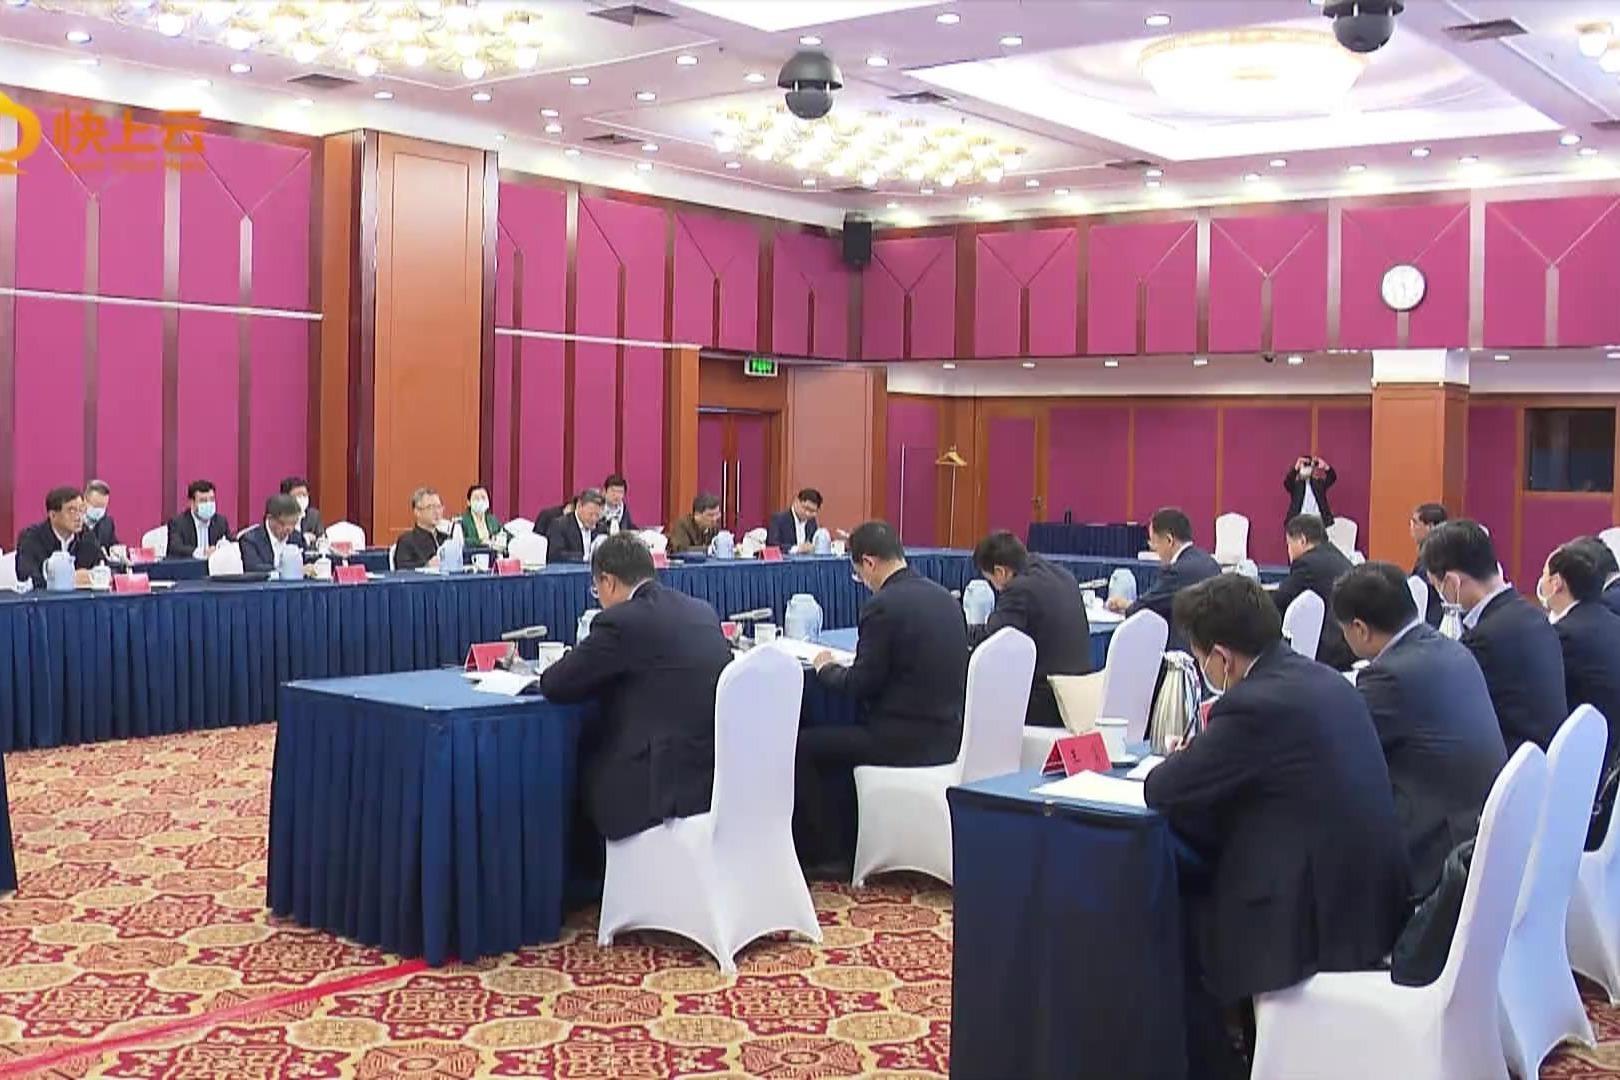 胶东经济圈一体化发展 青岛片区潍坊联动创新区座谈会在青岛举行